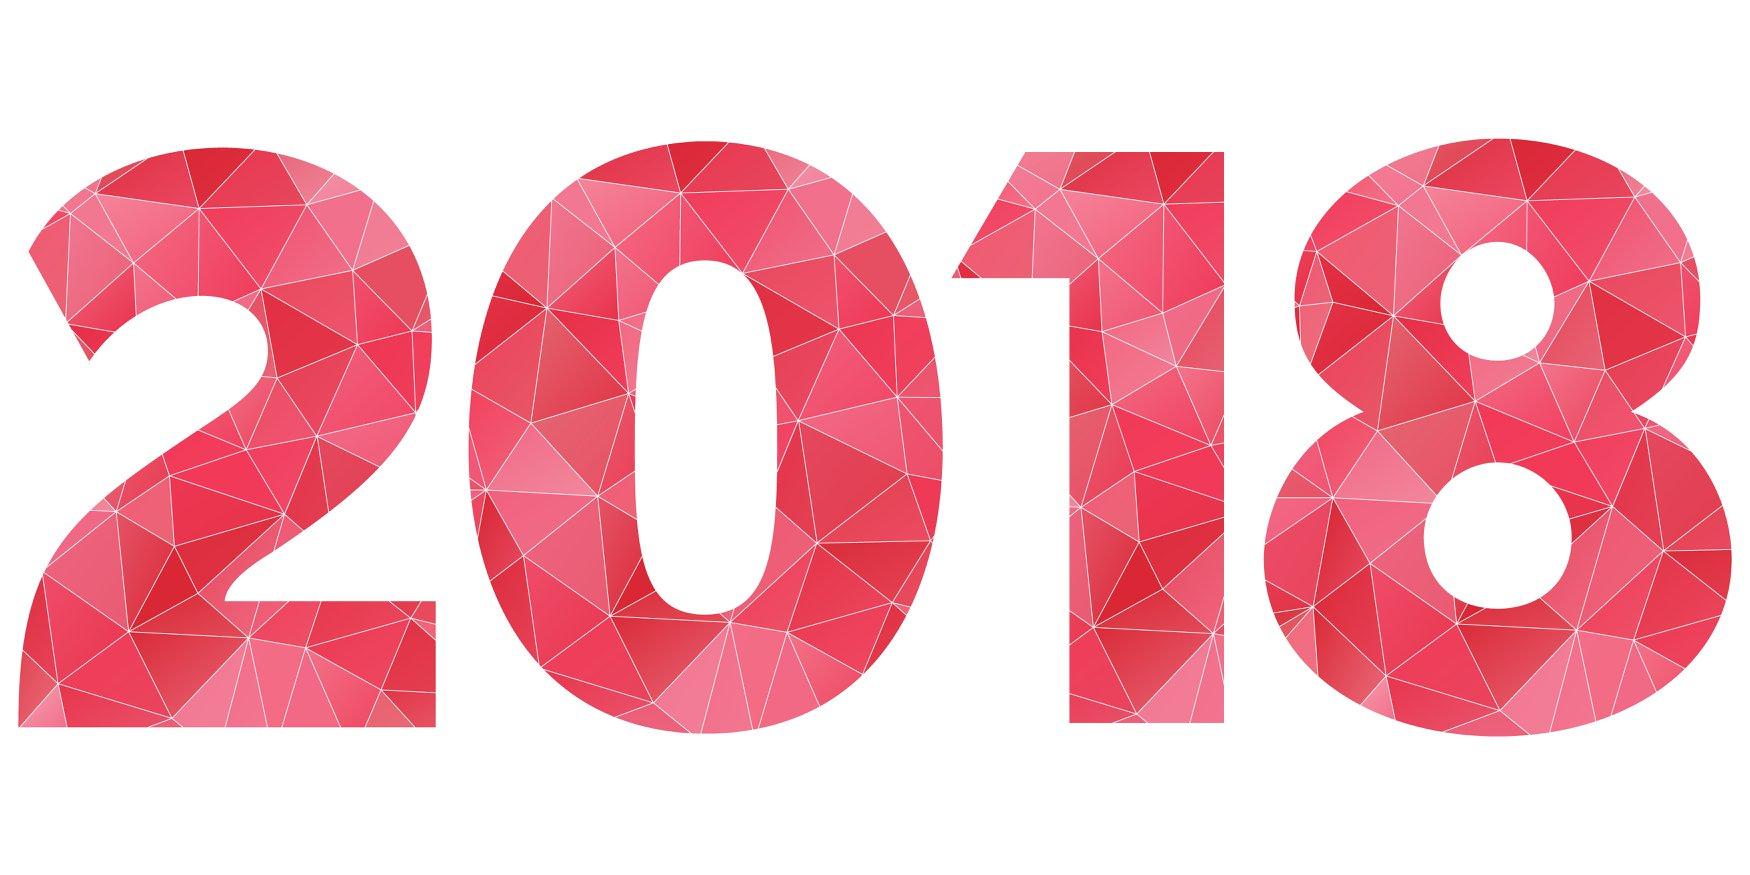 Année 2018 en images